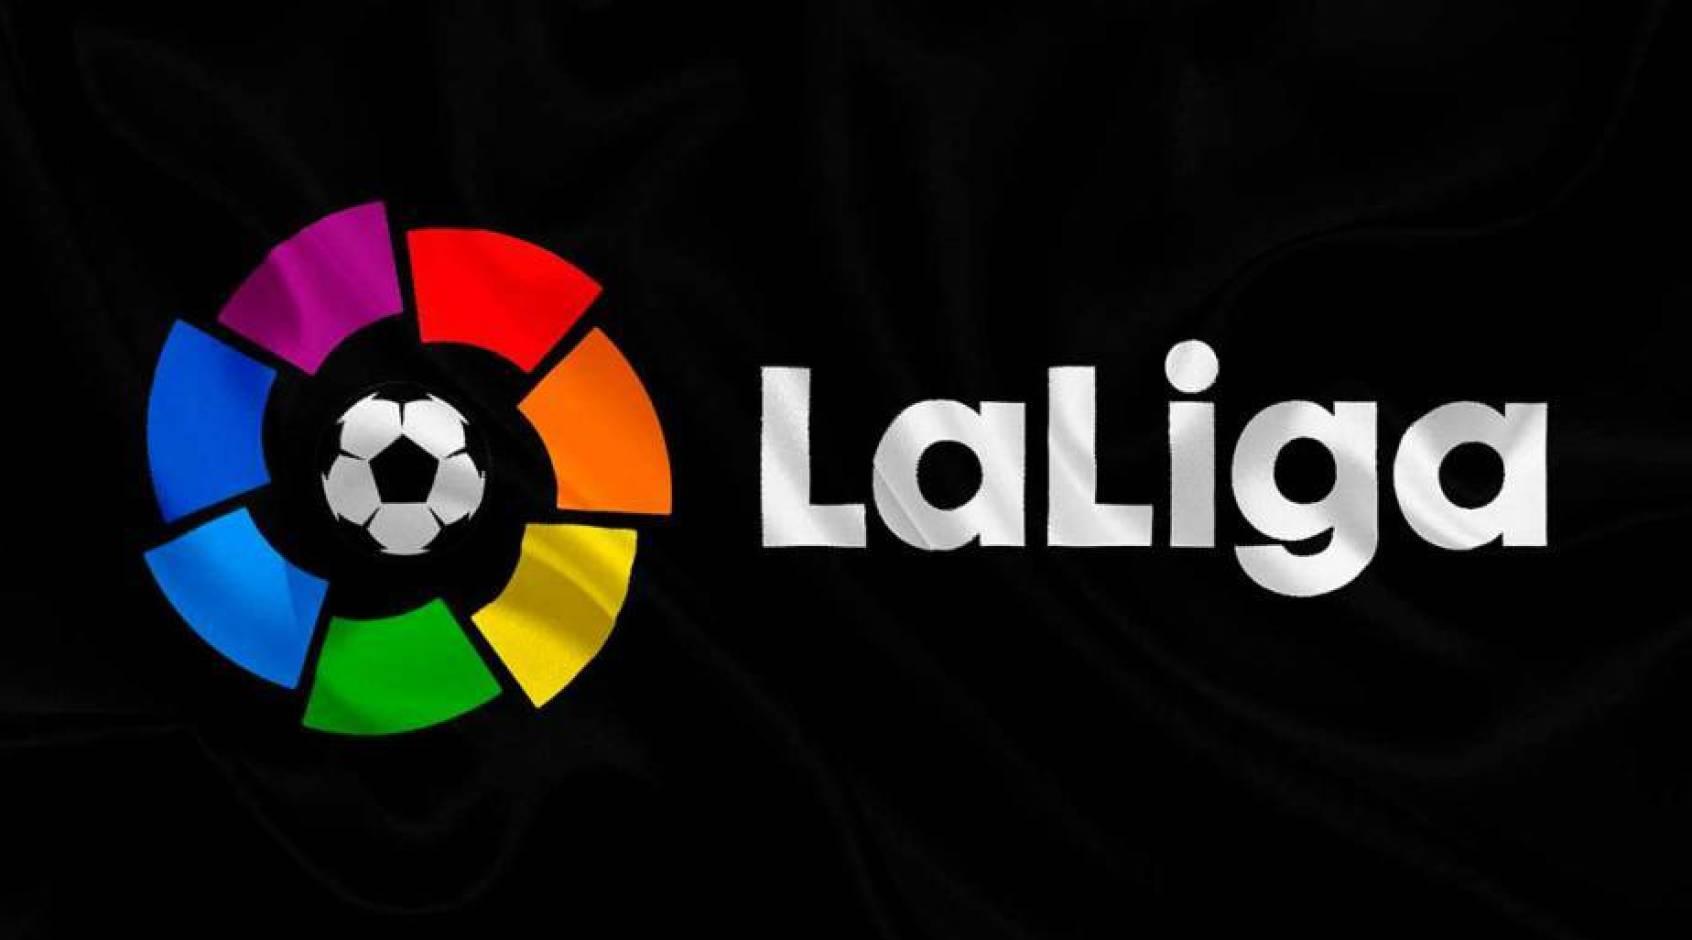 """Благодаря сделке Ла Лиги с инвестфондом """"Реал"""" и """"Барселона"""" получат более 250 млн. евро каждый"""